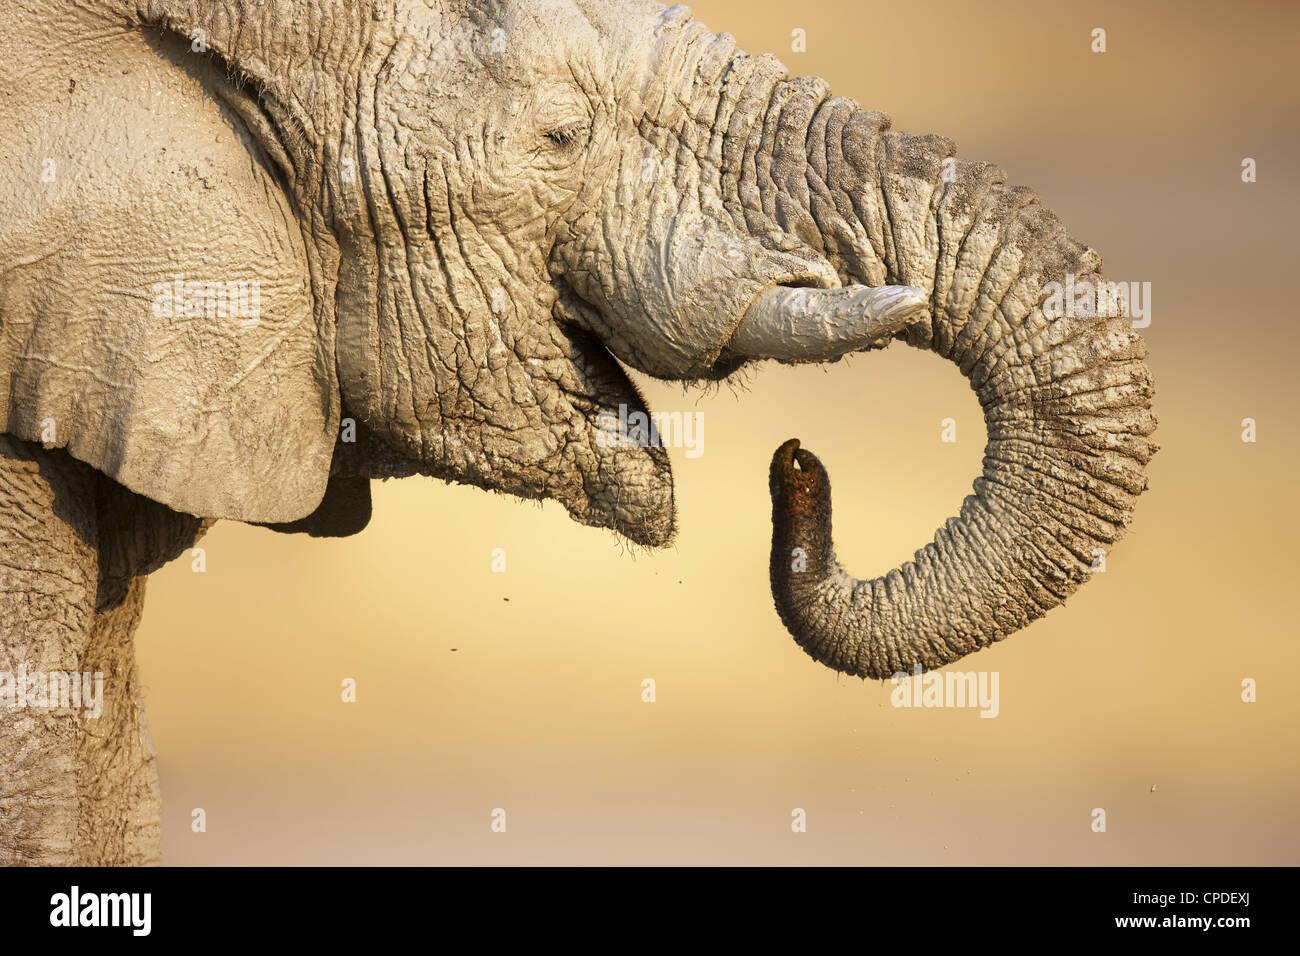 Vista cercana de un barro agua potable de elefantes en Etosha Imagen De Stock